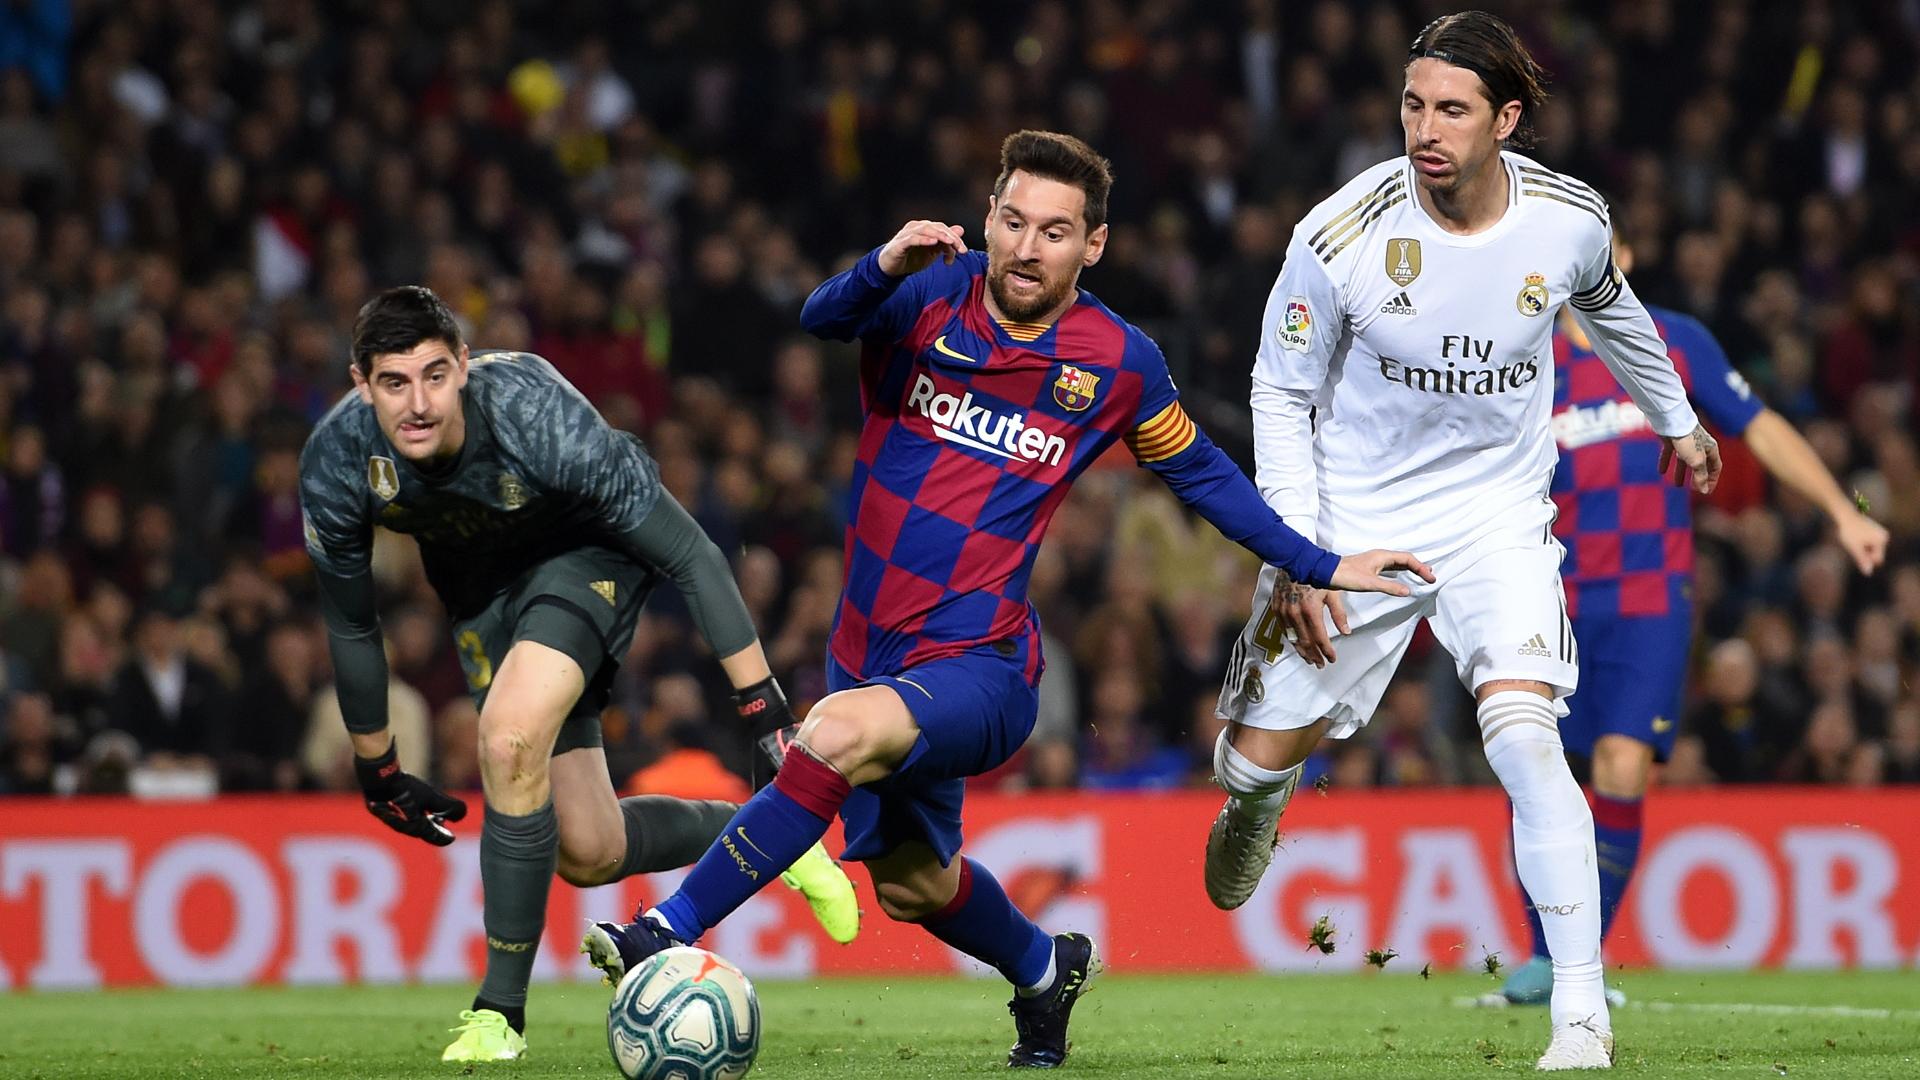 Реал Мадрид – Барселона: Няколко въпроса преди големия мач